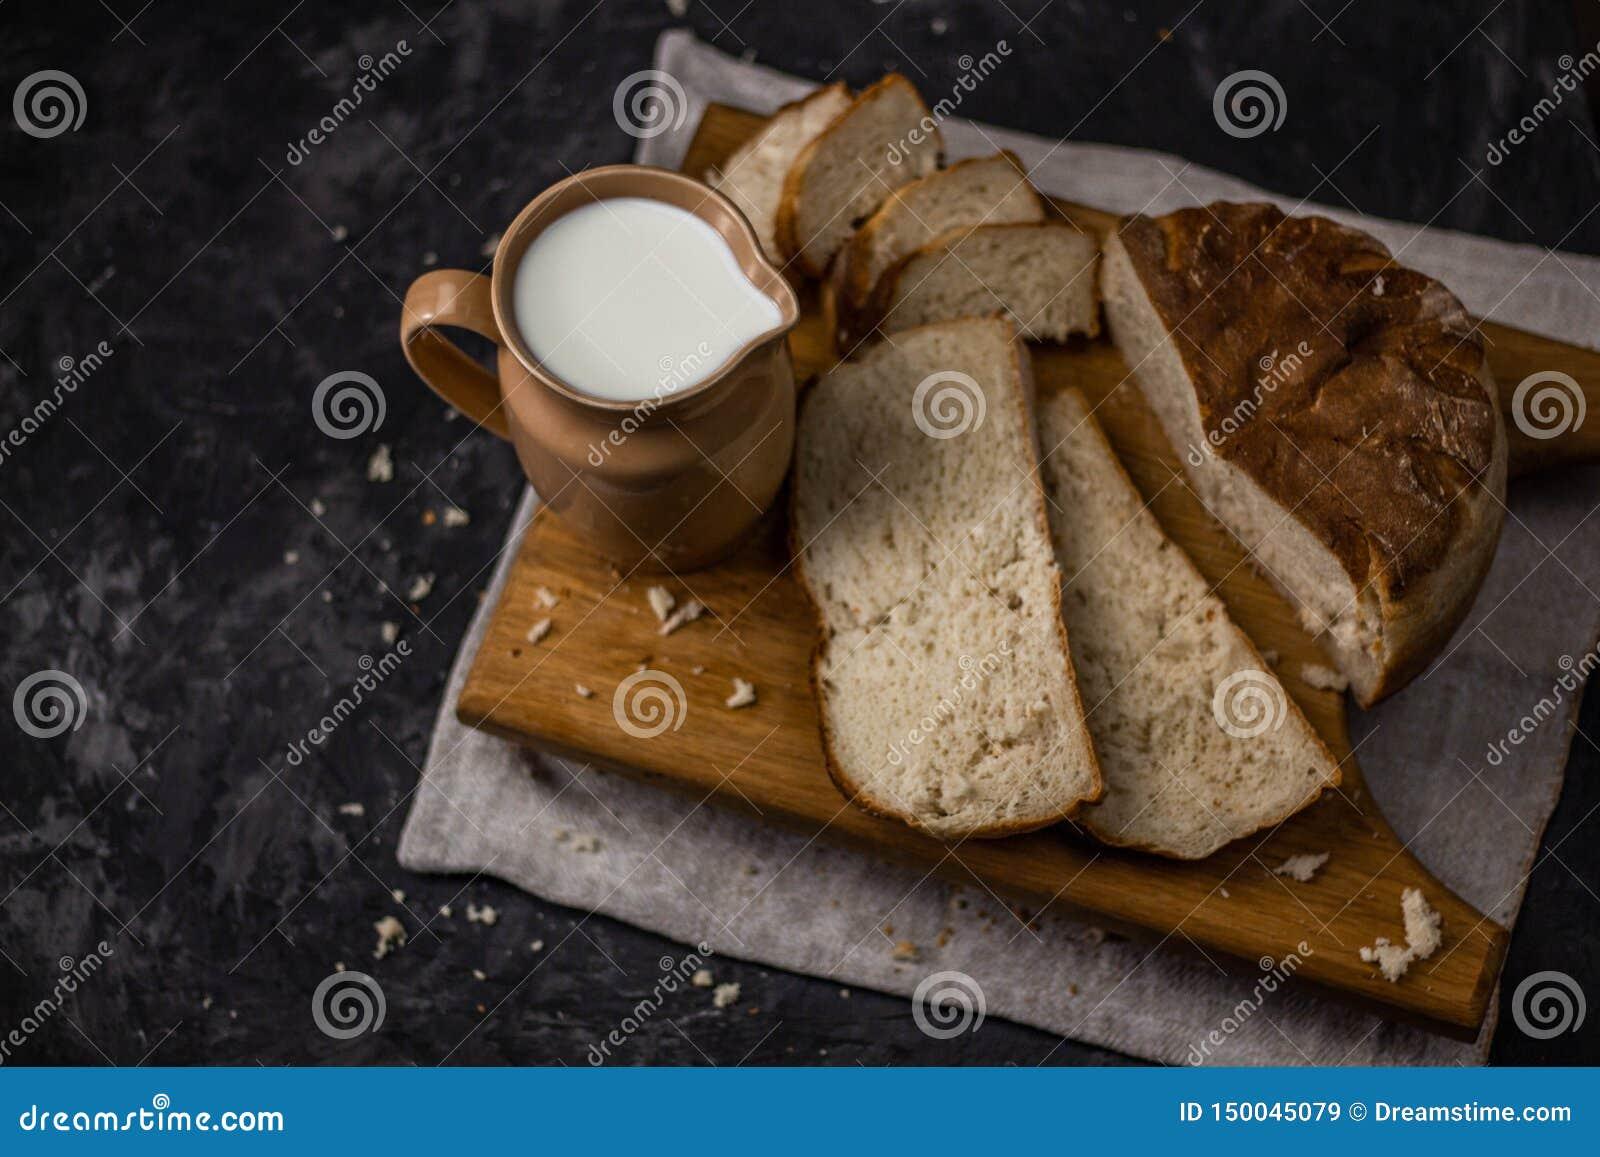 Sikten av en tillbringare av mjölkar och hemlagat nytt bakat vitt bröd på en svart bakgrund